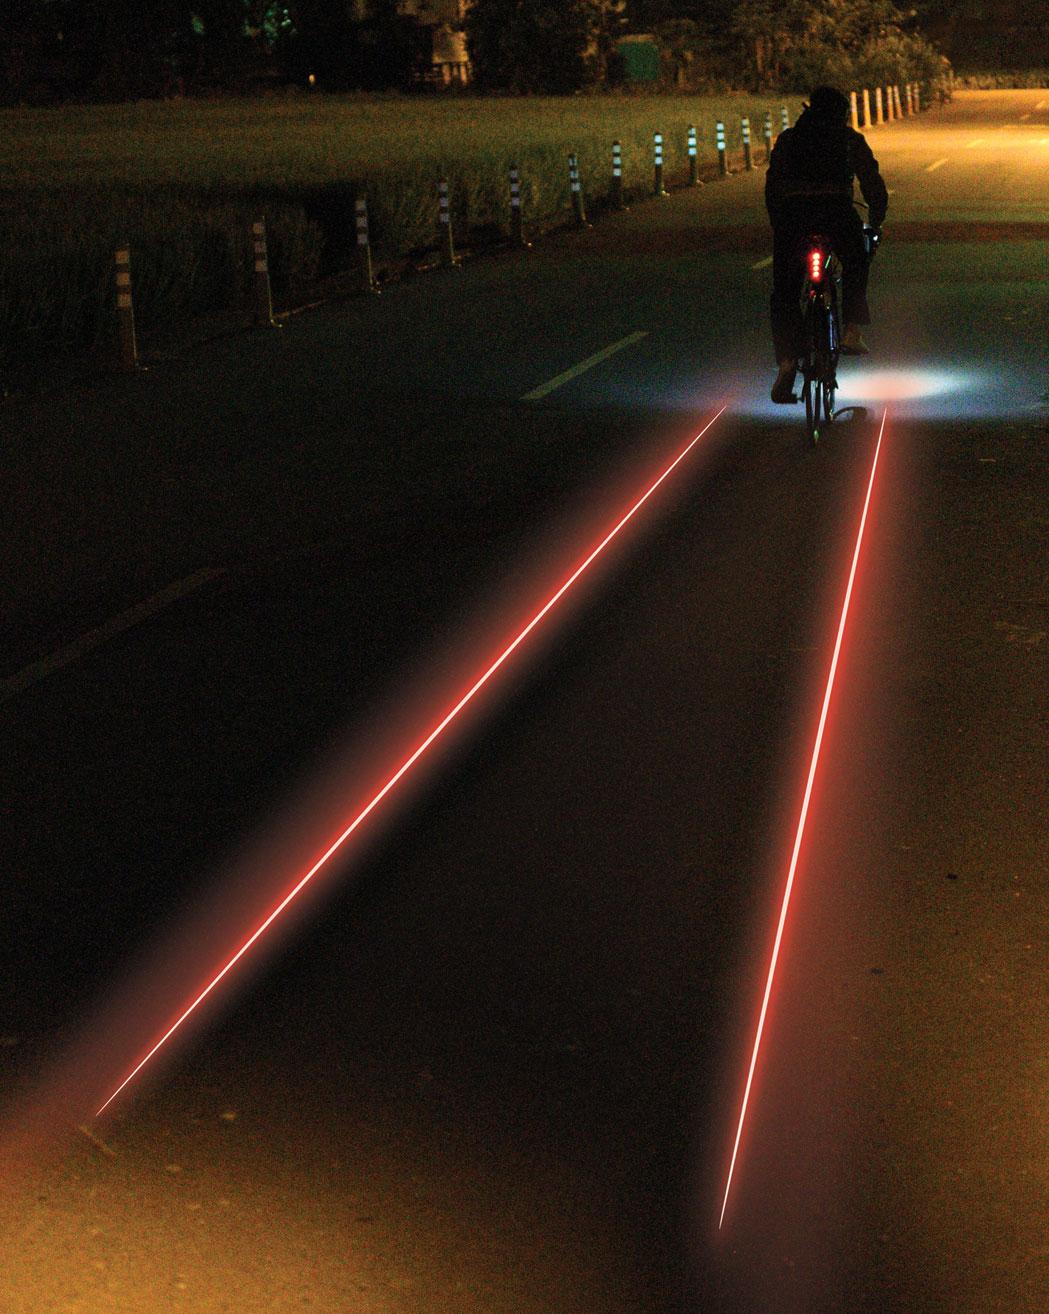 Laser am Boden